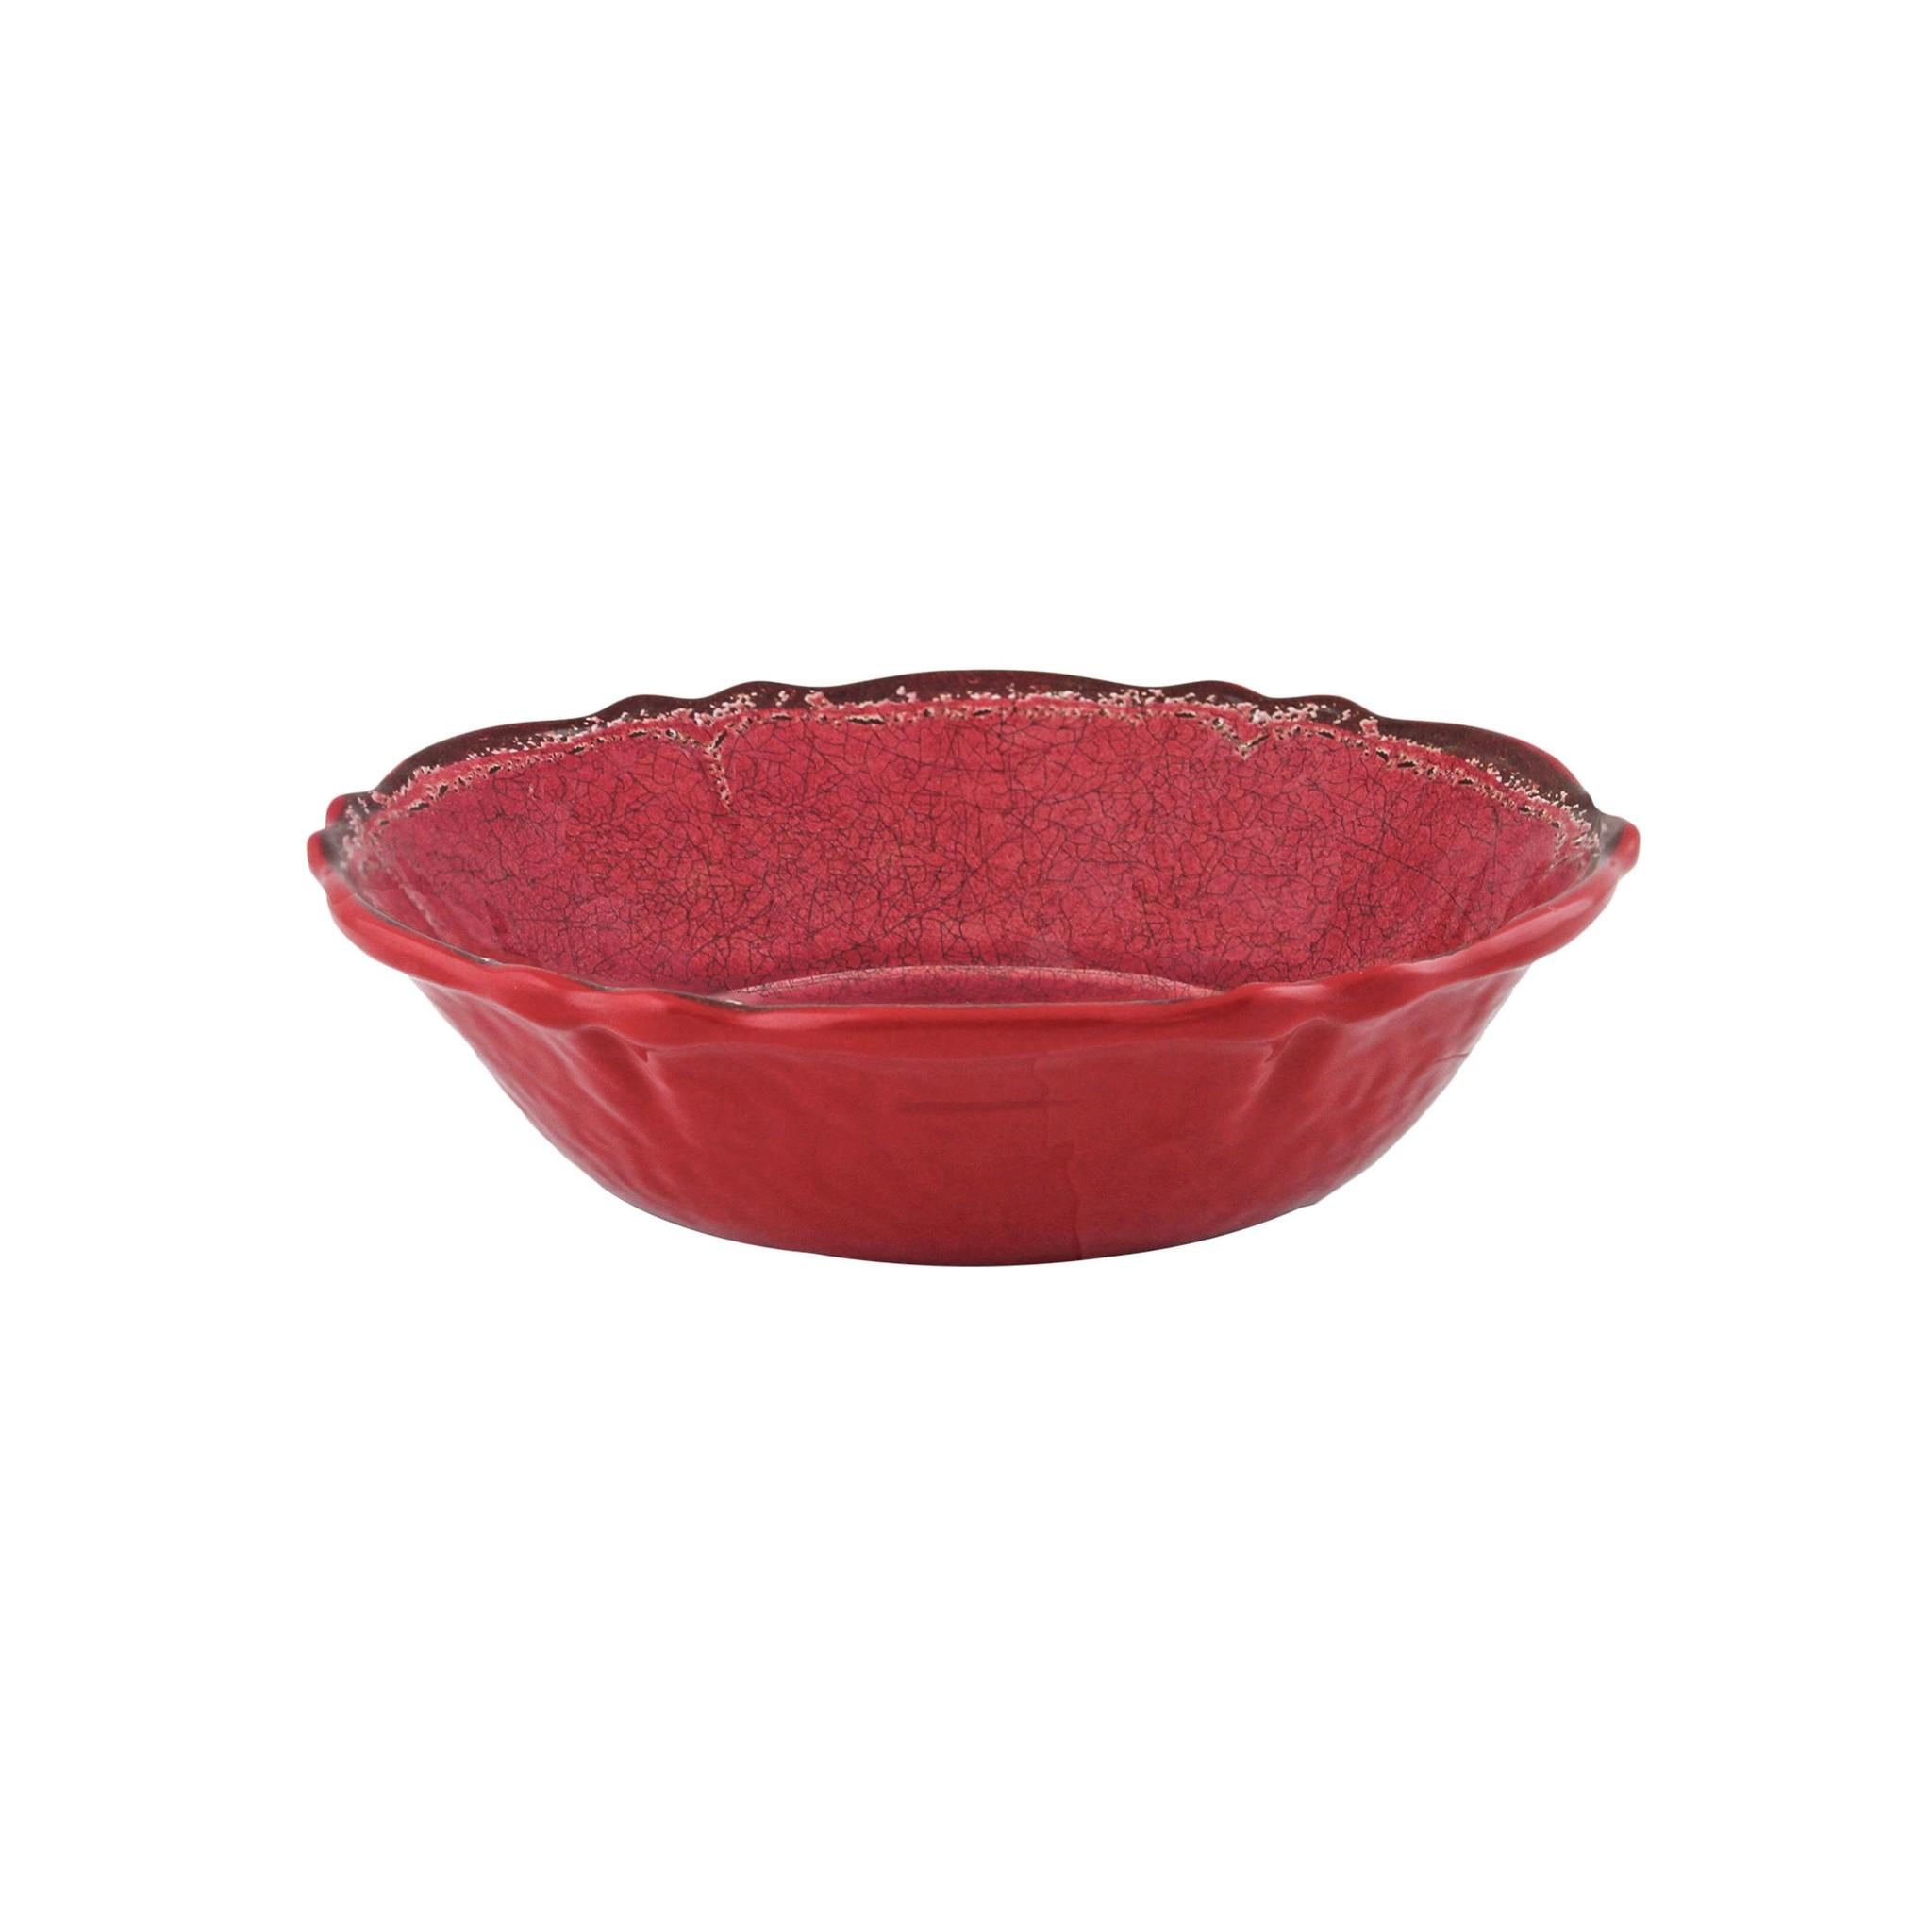 Le Cadeaux Antiqua Red Cereal Bowl